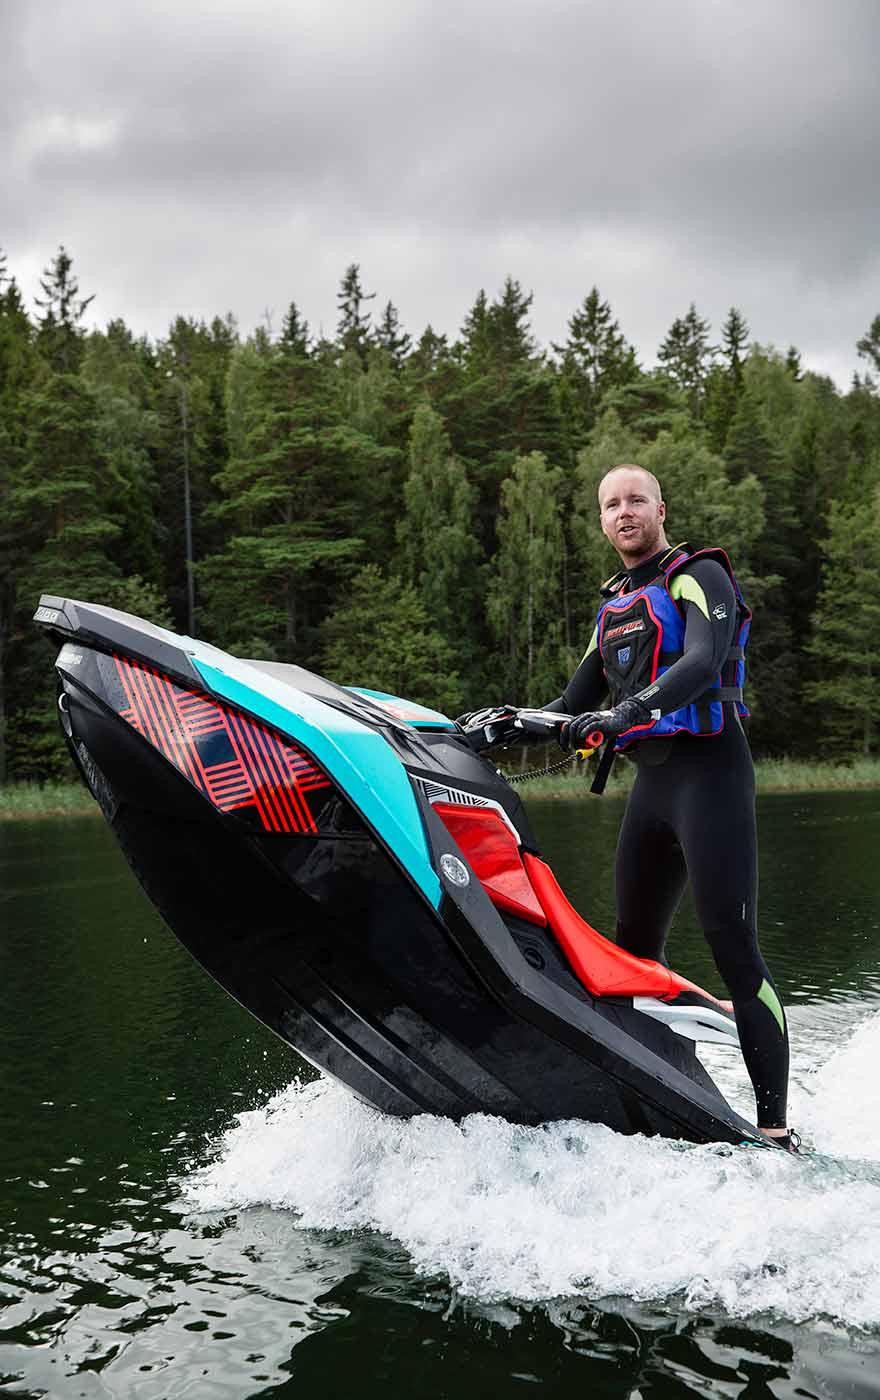 11.20 Körklar Max Carlgren, chefredaktör för Båtnytt, testar hur fort vattenskotern kan accelerera och hur den beter sig i vattnet. Anna kör den andra skotern, och kollegan Mikael Mahlberg fotograferar dem båda.